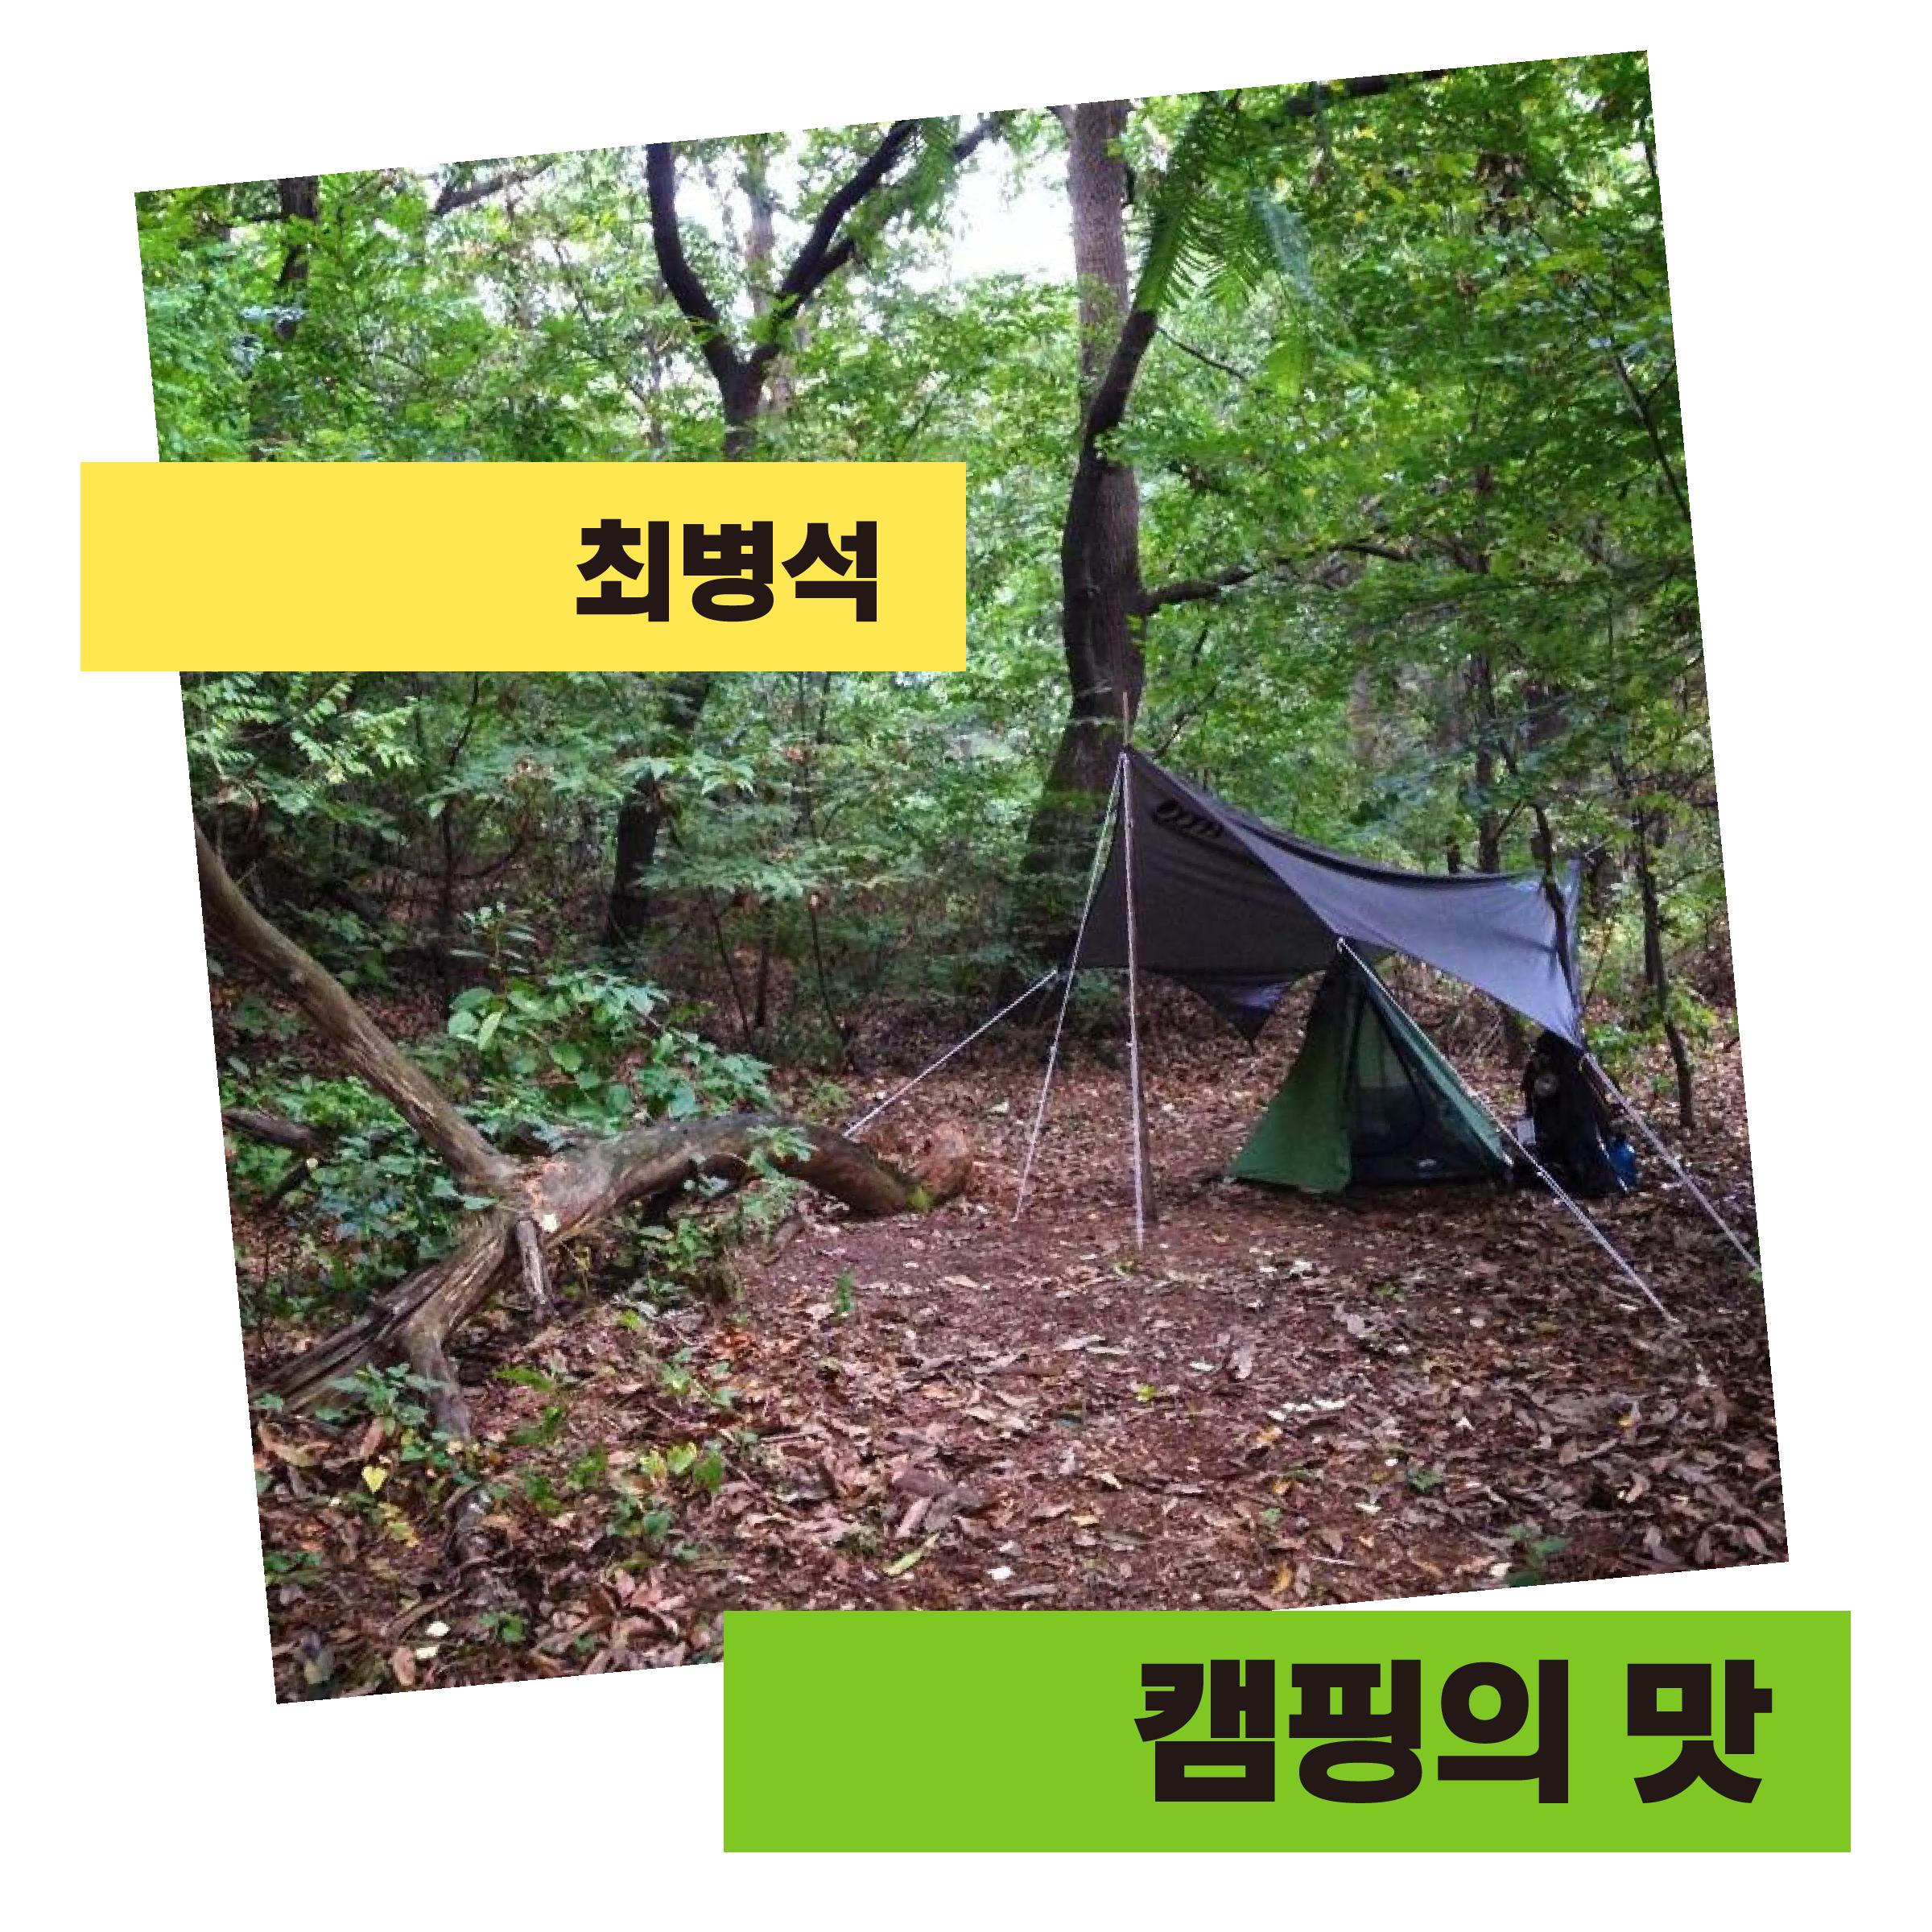 메인_최병석 0